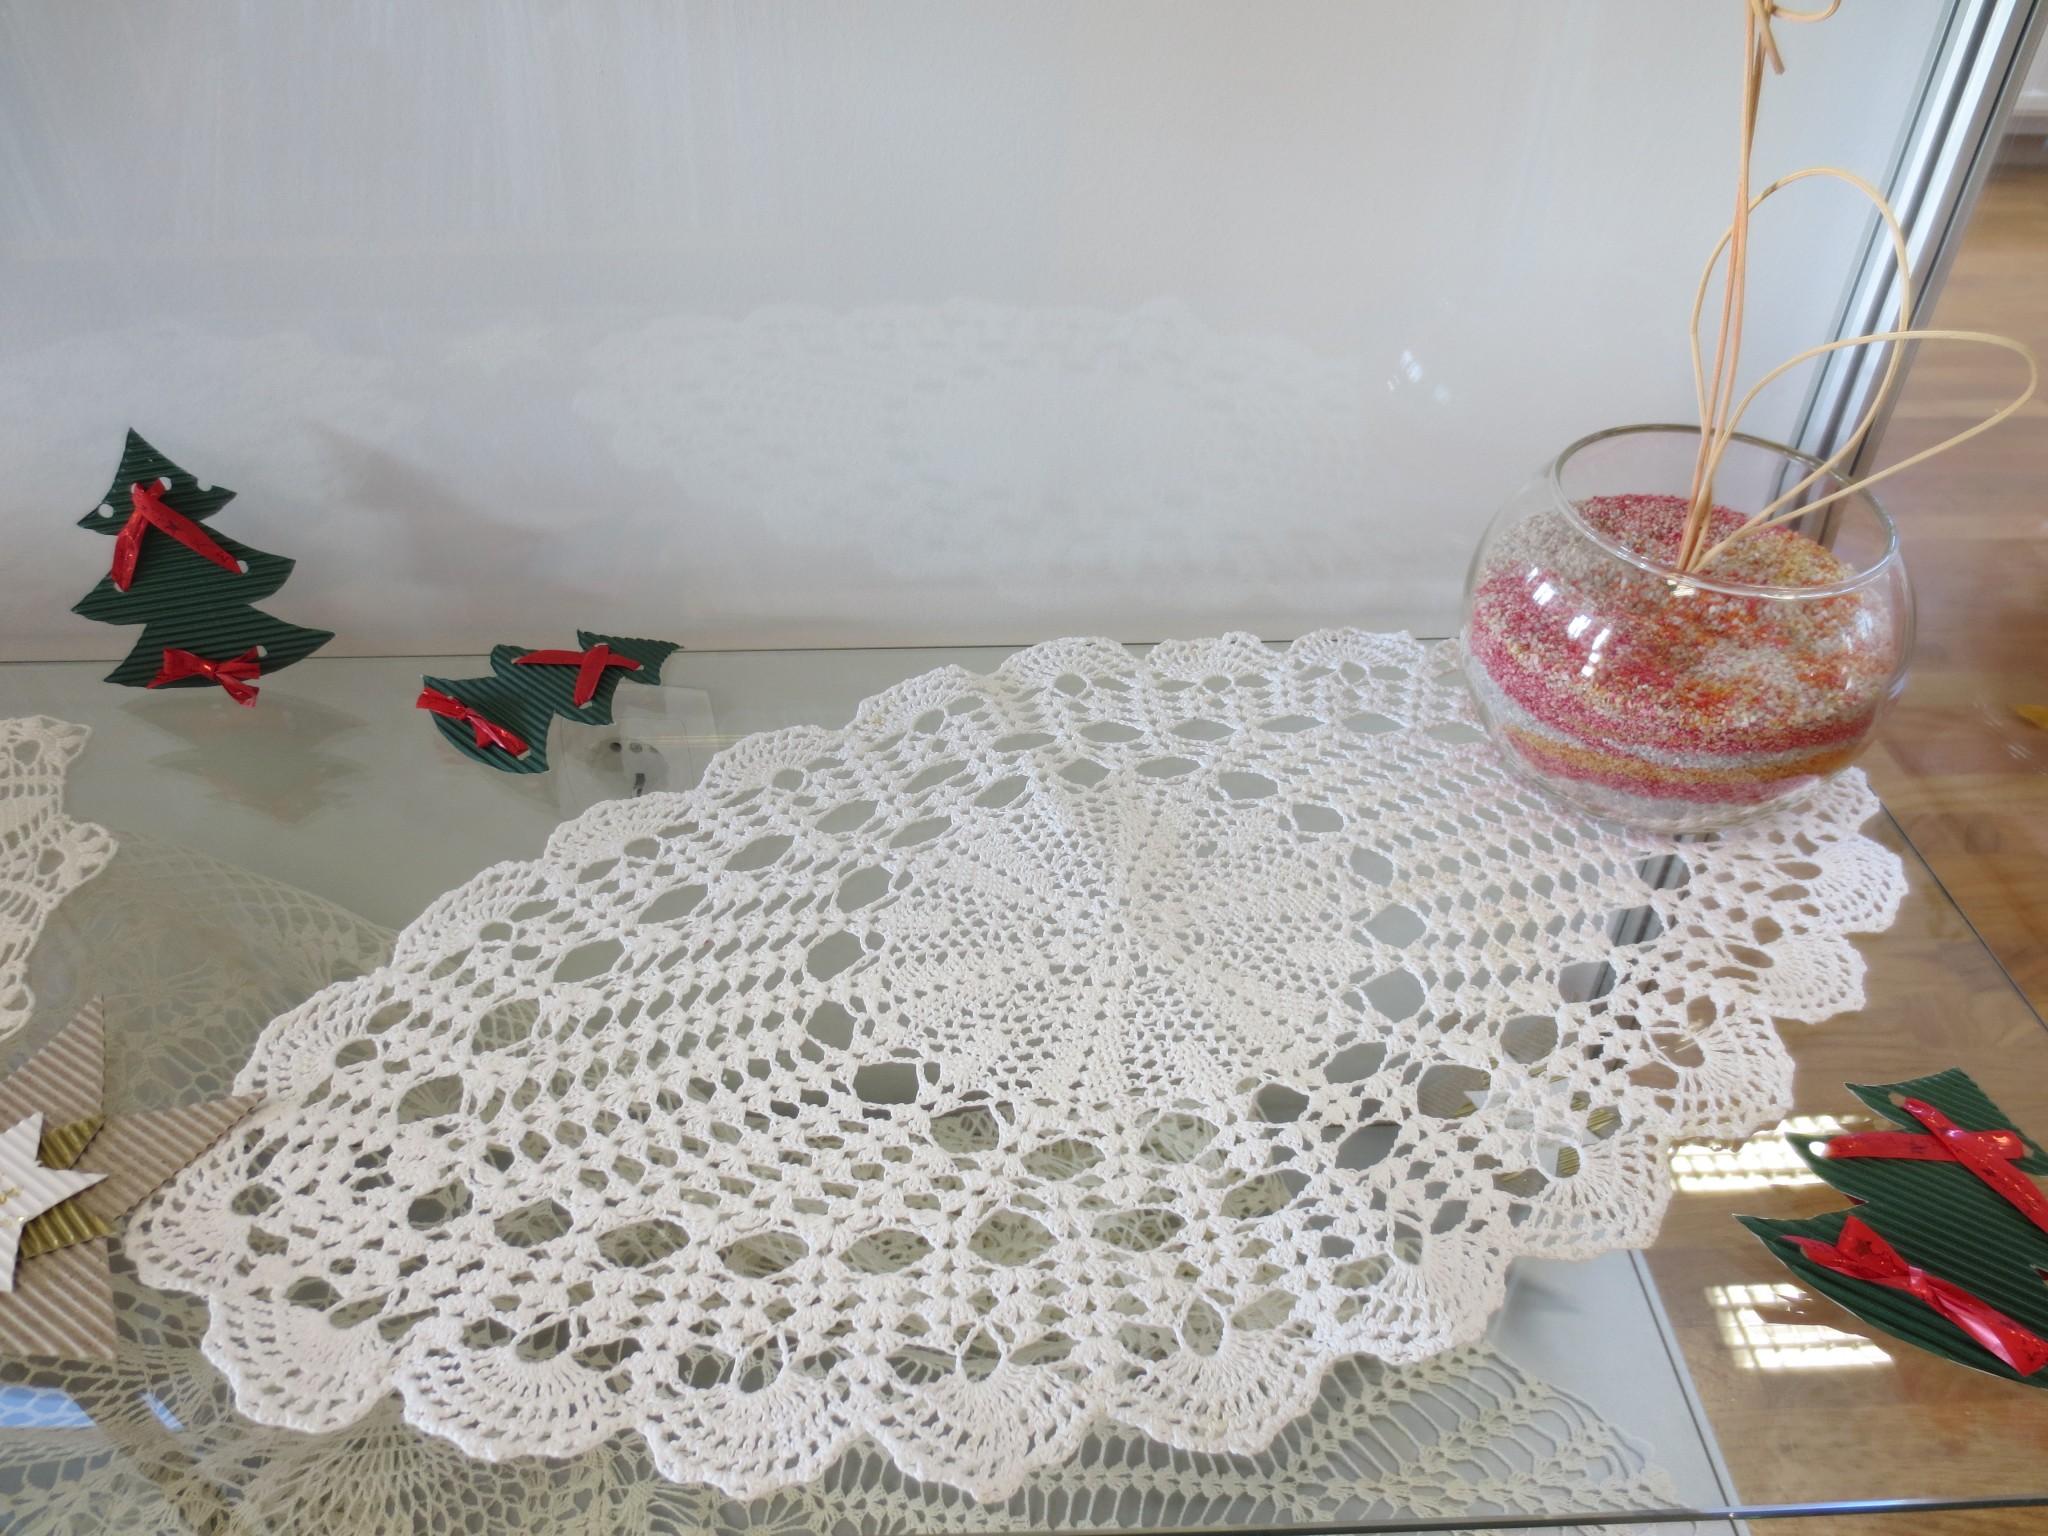 IMG 3265 - Antonija Koren - razstava kvačkanih izdelkov